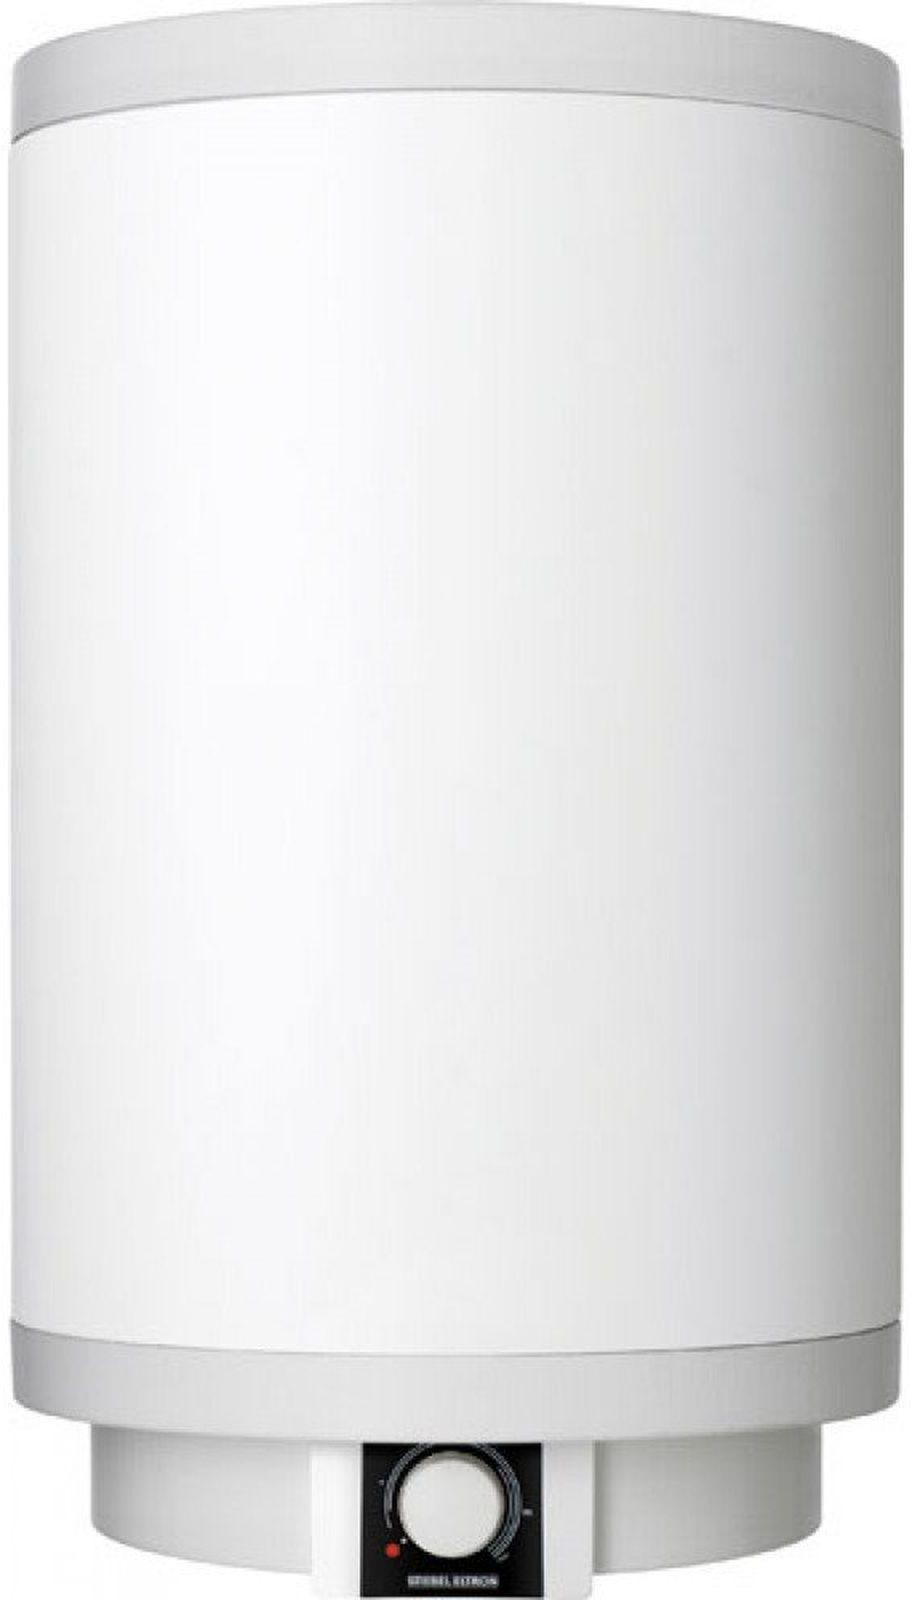 Водонагреватель накопительный электрический Stiebel Eltron PSH 30 Trend